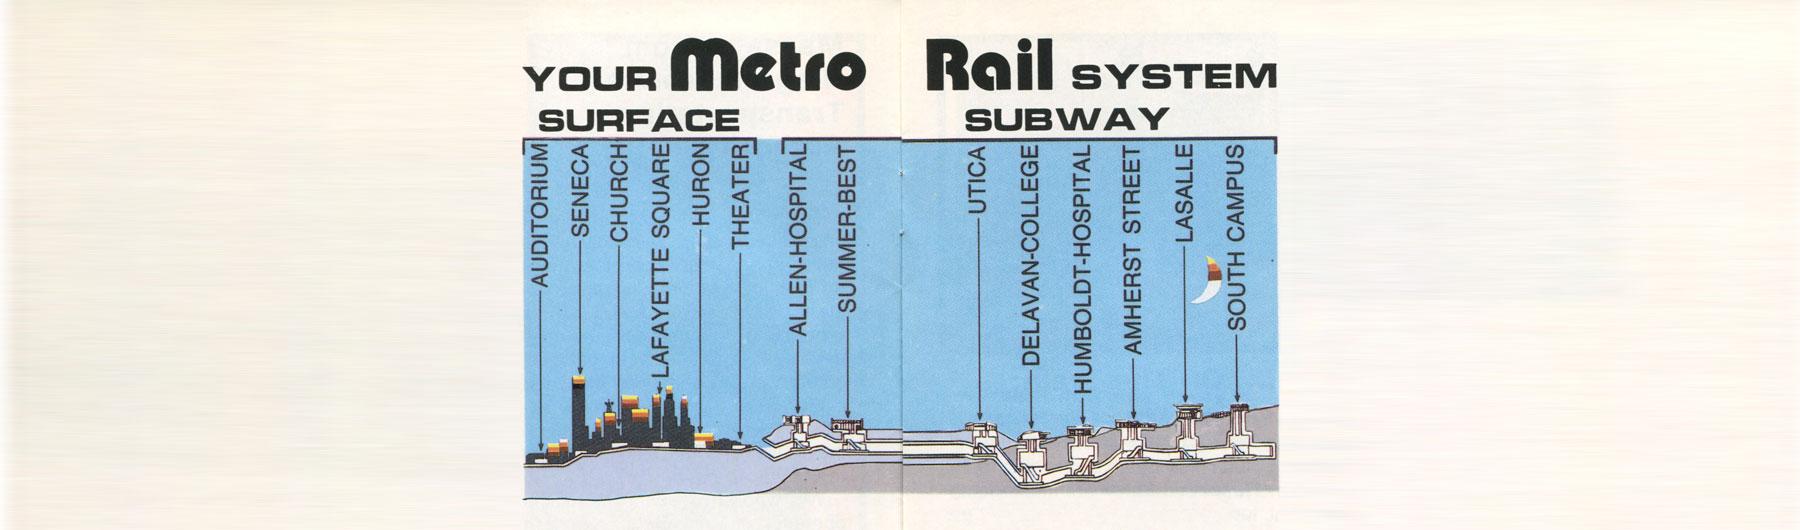 Infrastructure Tourism: Buffalo Metro Rail